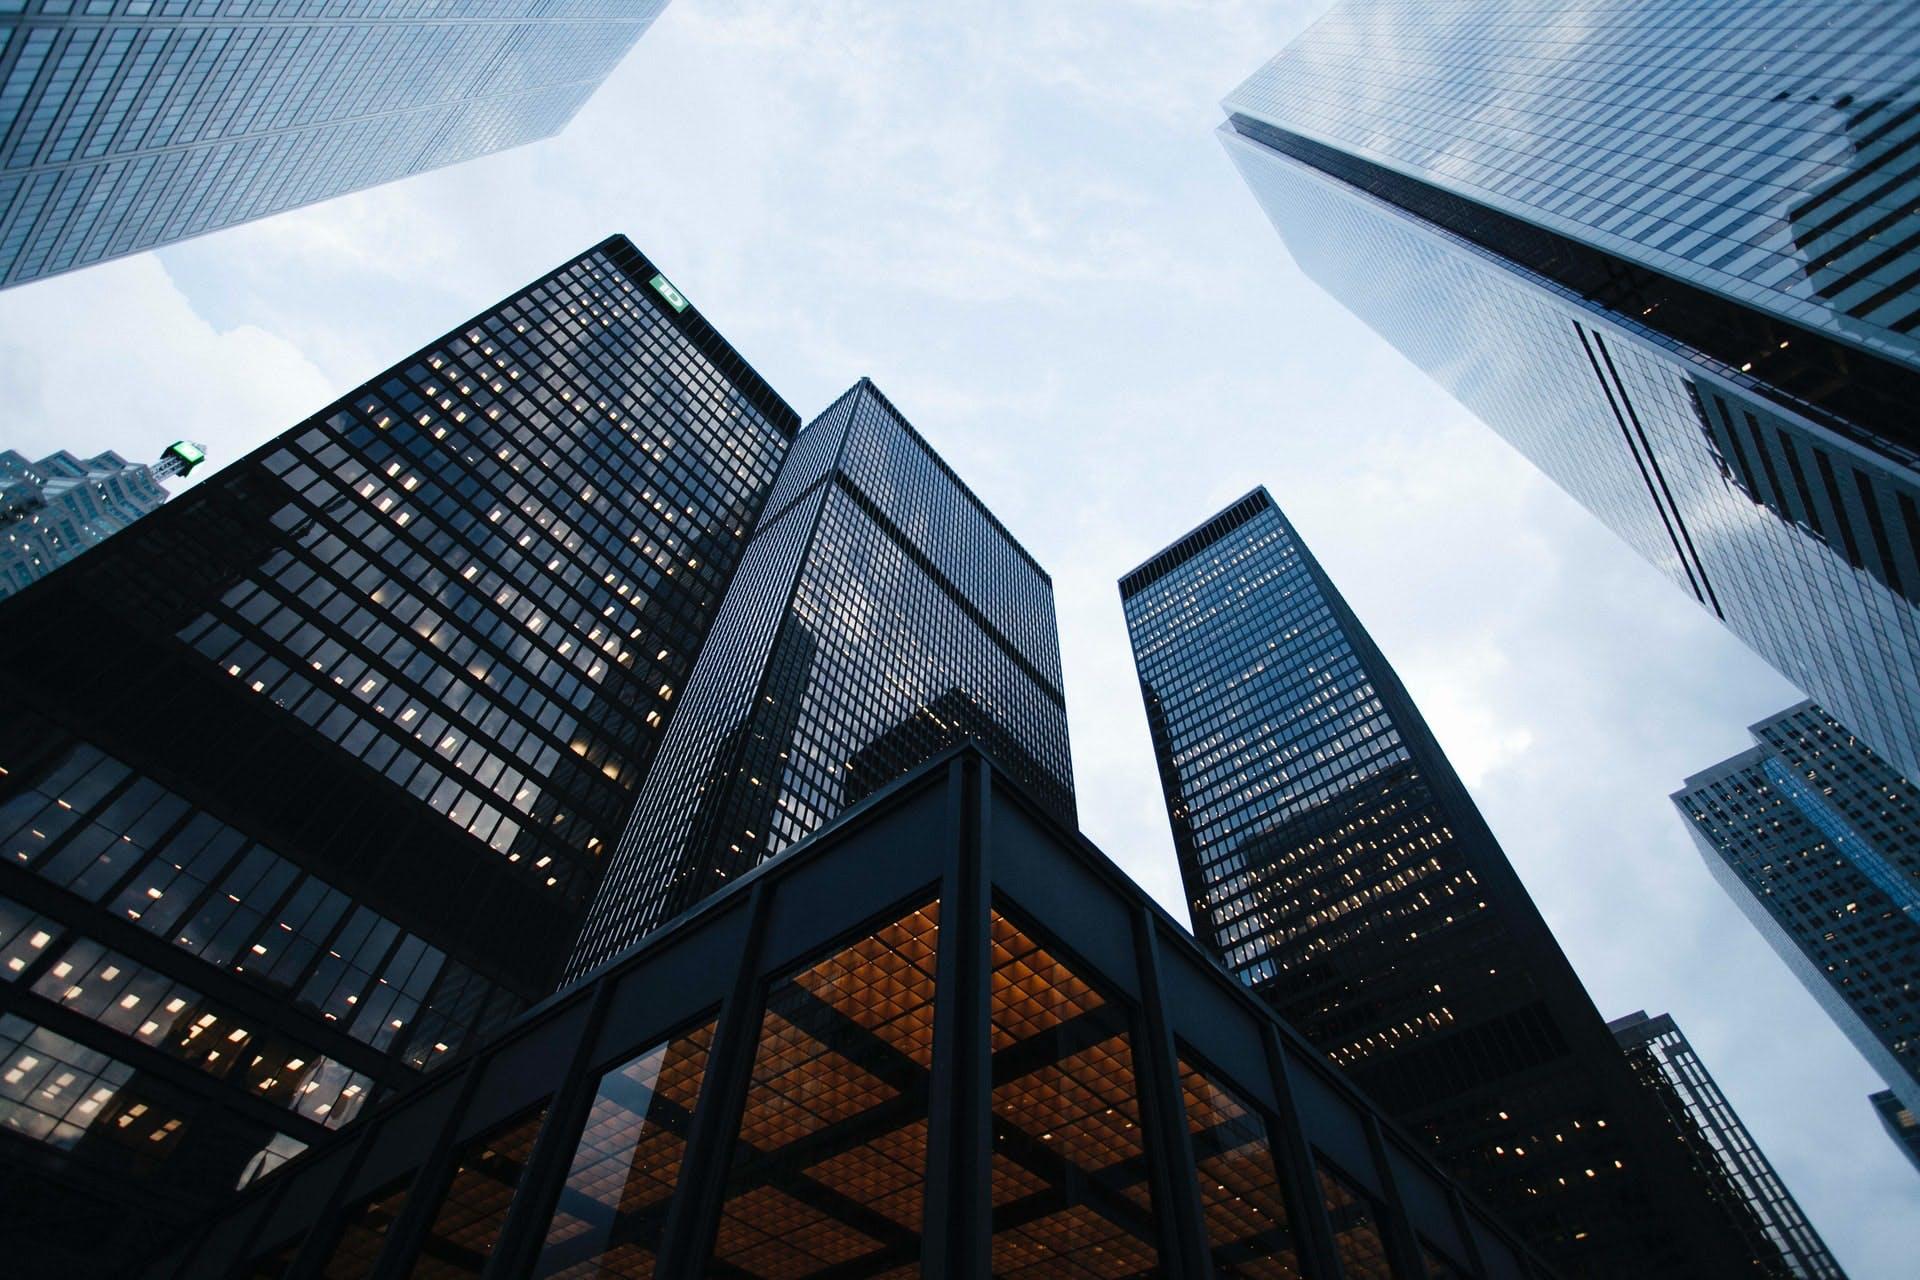 ワンルームマンション投資成功の秘訣とは?失敗例から学ぶリスク対策